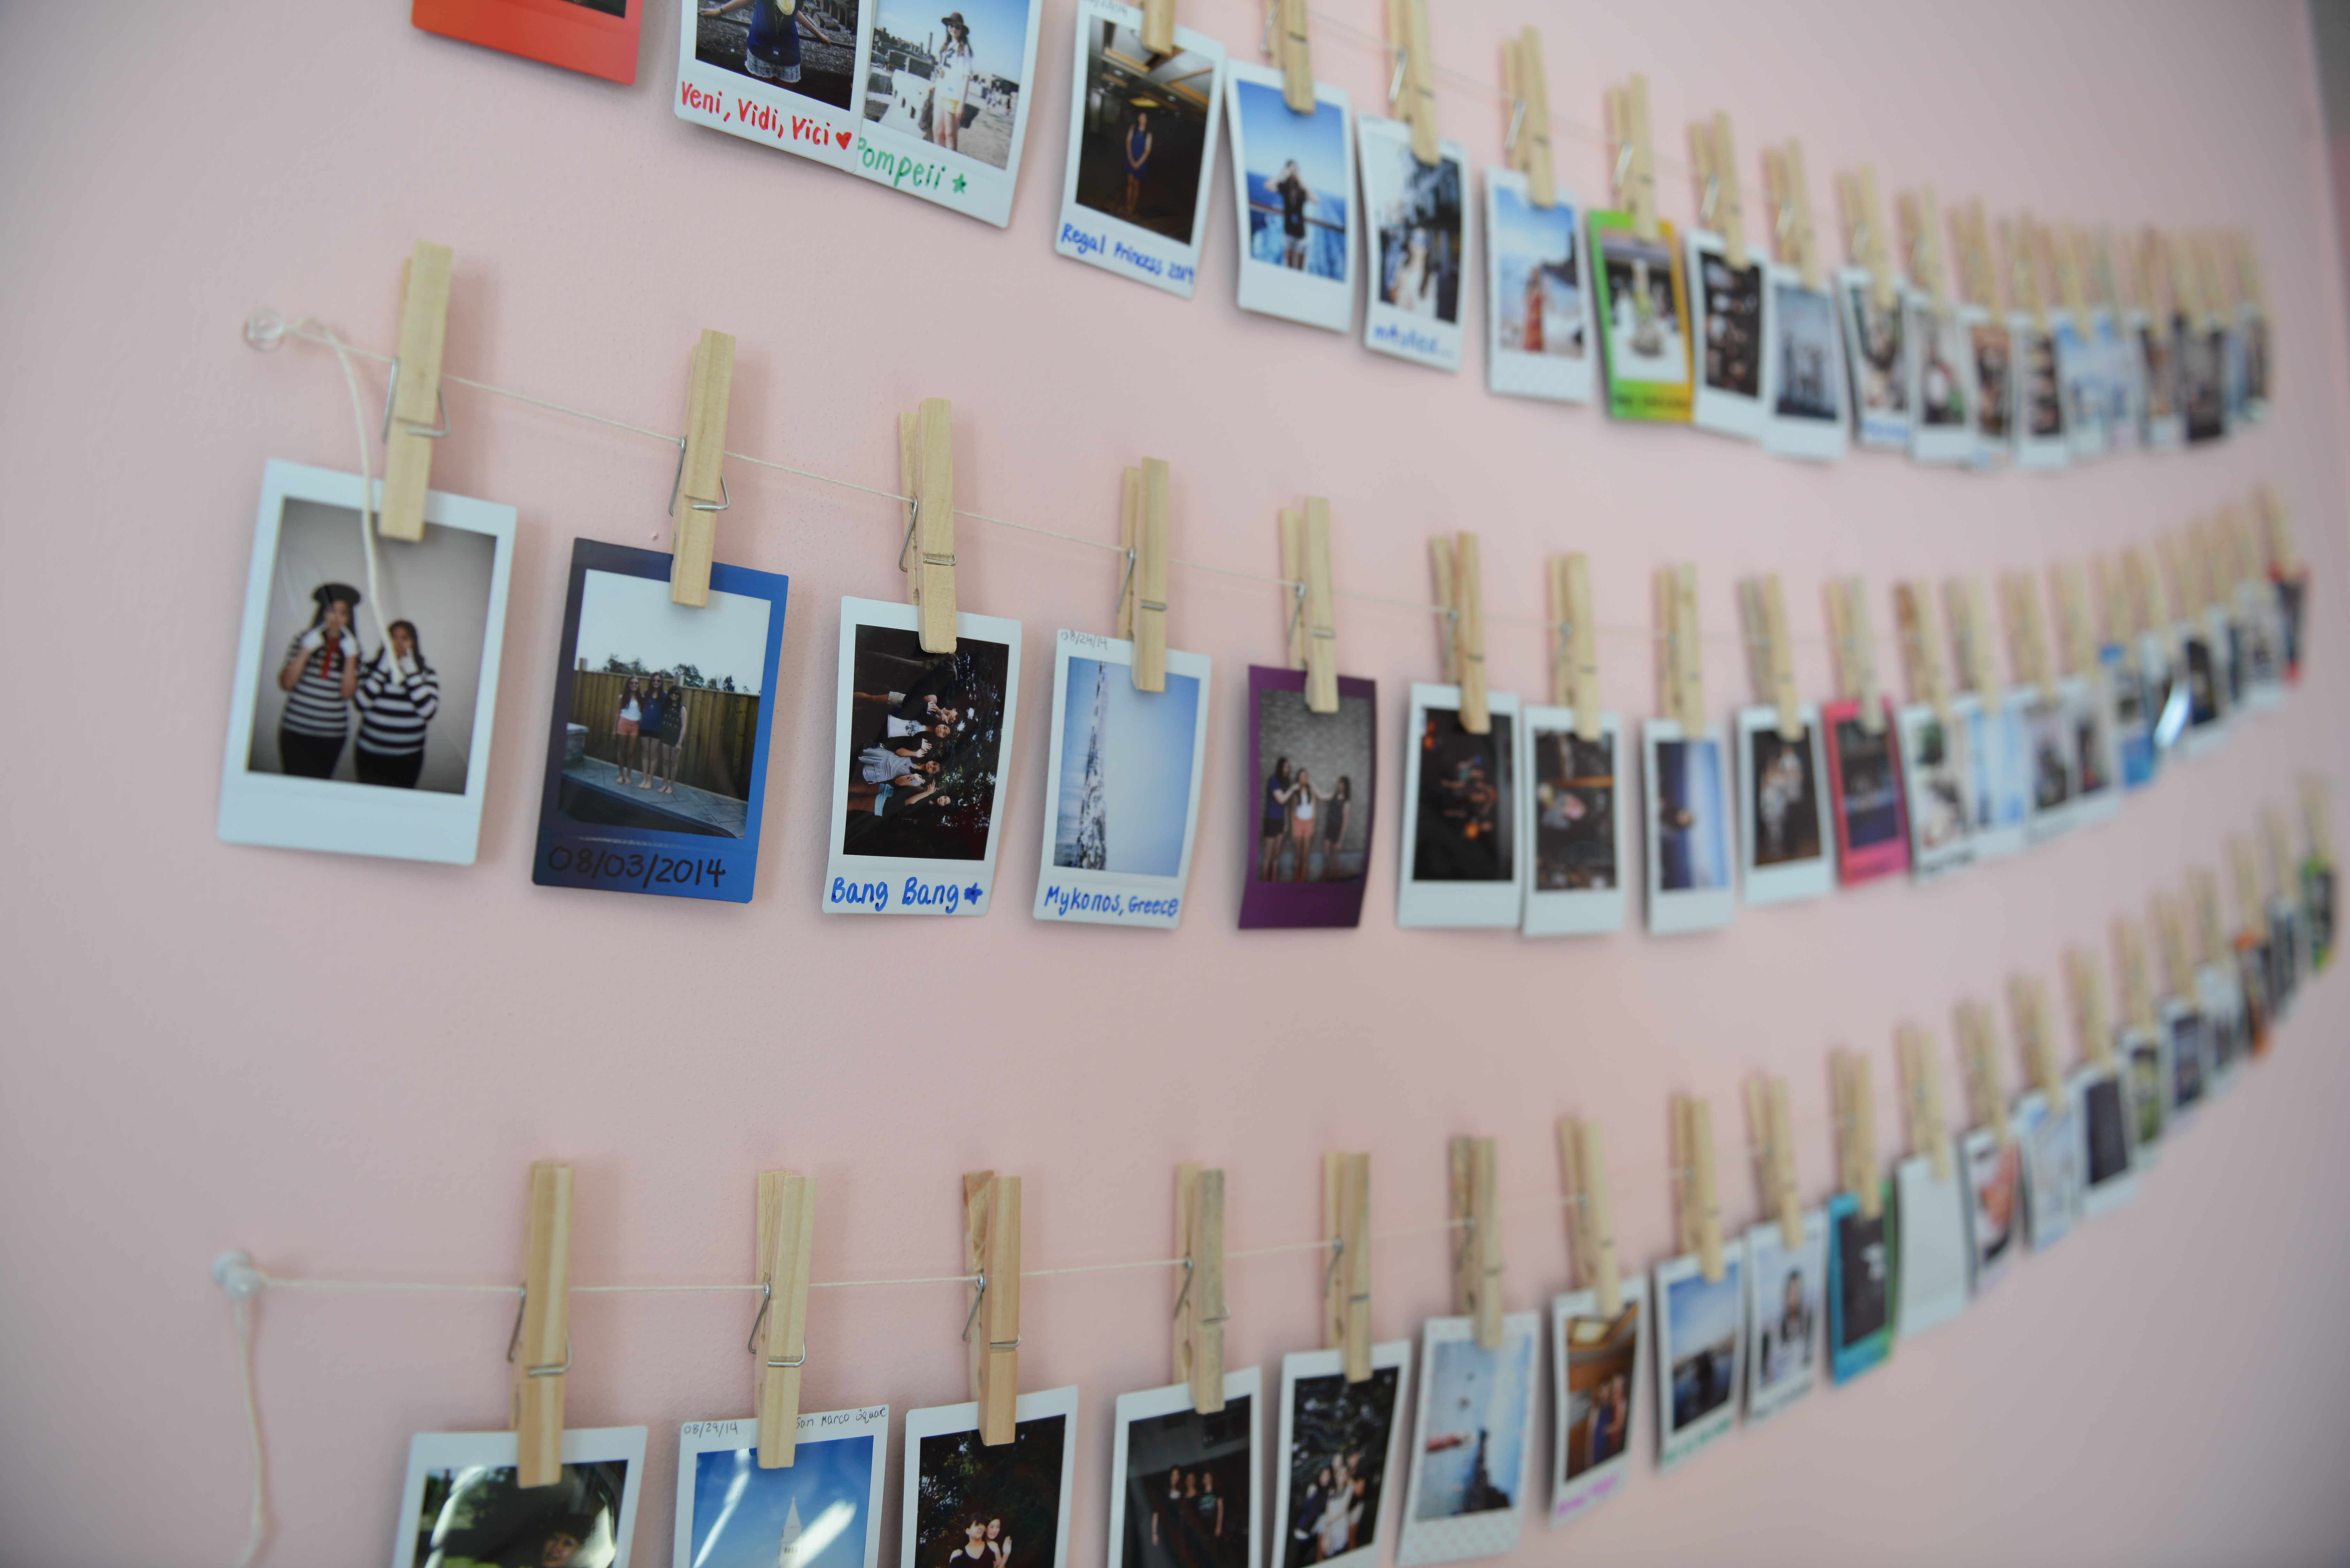 Polaroid wall on tumblr - Tumblr Room Wall Quotes Polaroid Pictures On Wall Tumblr Polaroid Pictures On Wall Tumblr